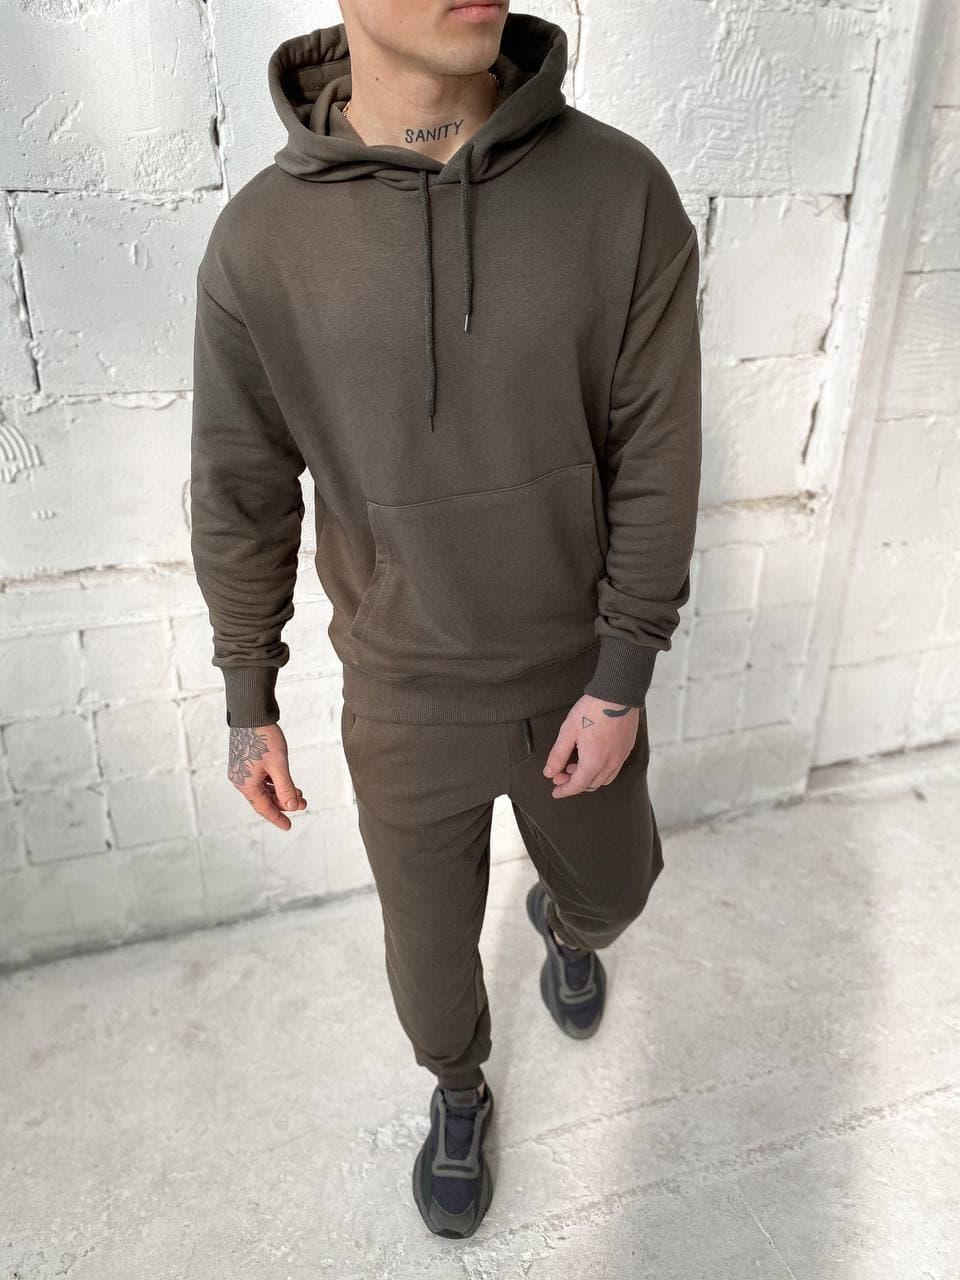 Чоловічий спортивний костюм c капюшоном хакі